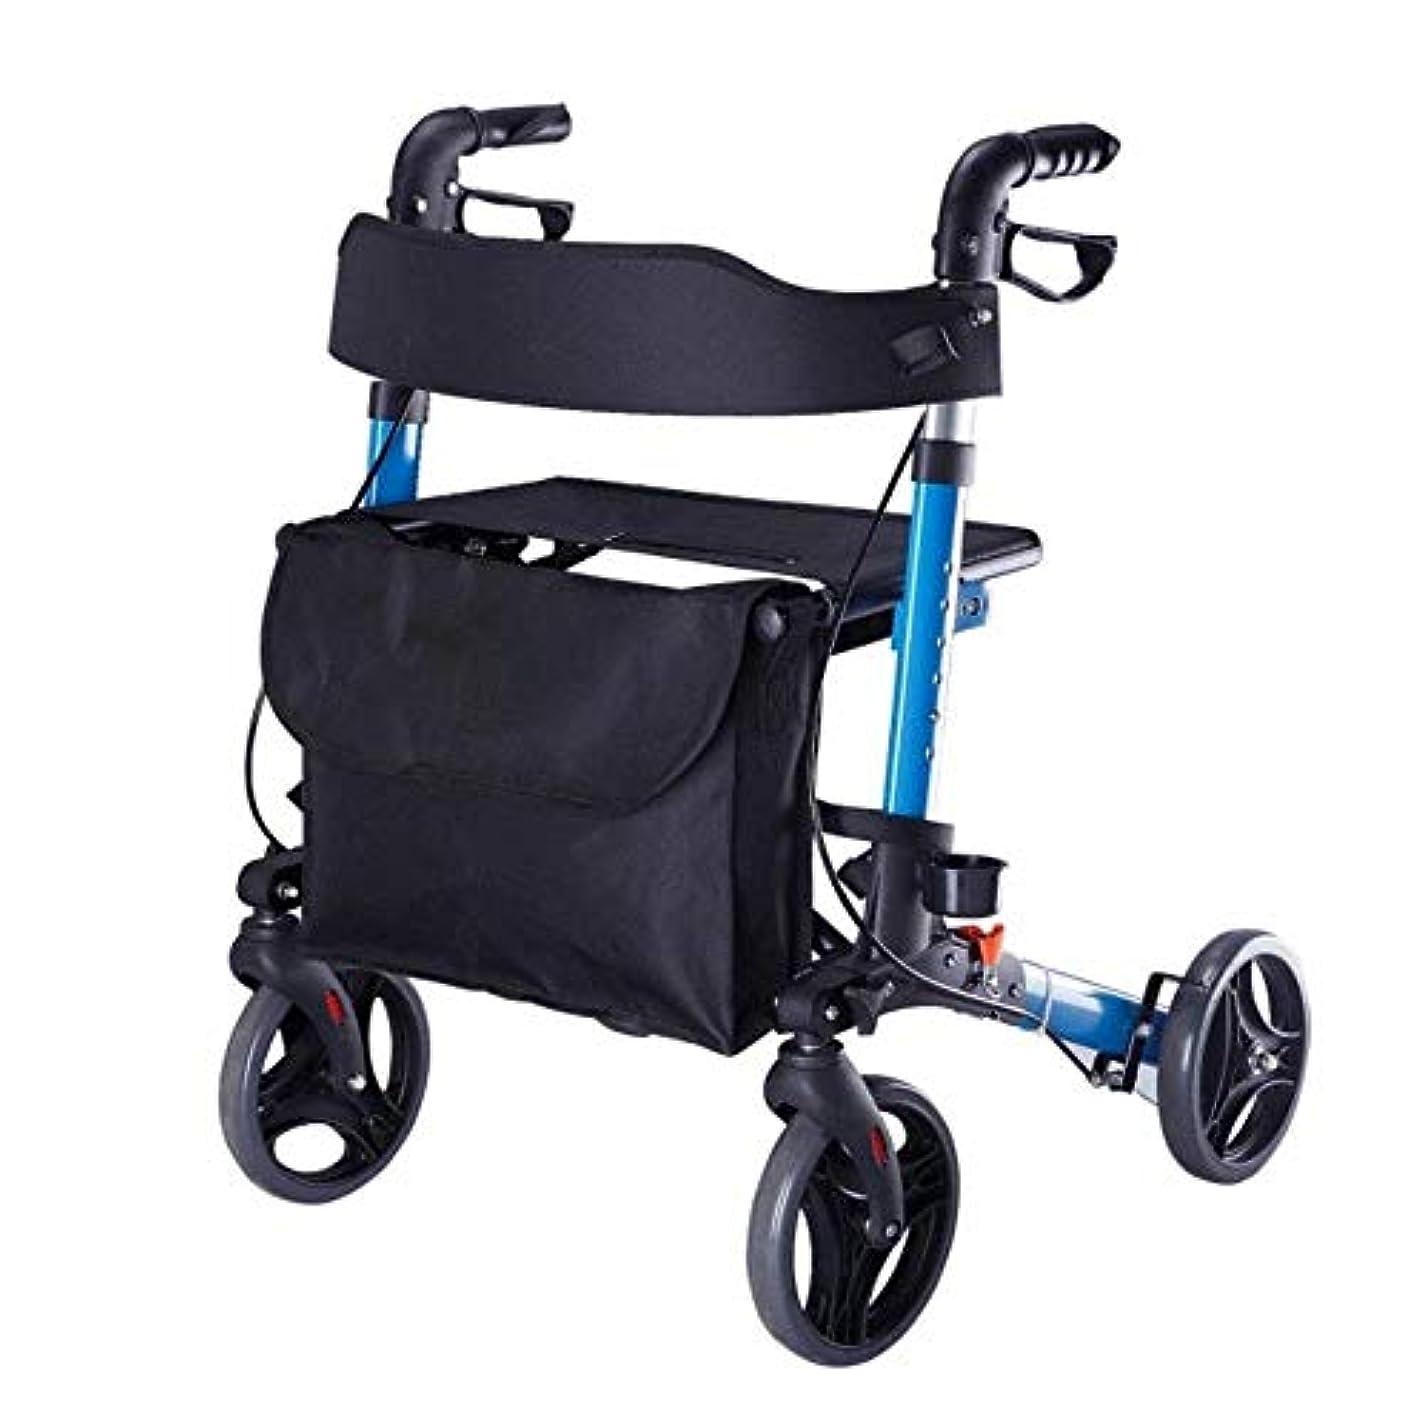 草羽重くする滑車が付いている歩行補助装置、より古いおよび傷つけられたのための多機能の年配の歩行者のアルミ合金の歩行者 (Color : 黒)